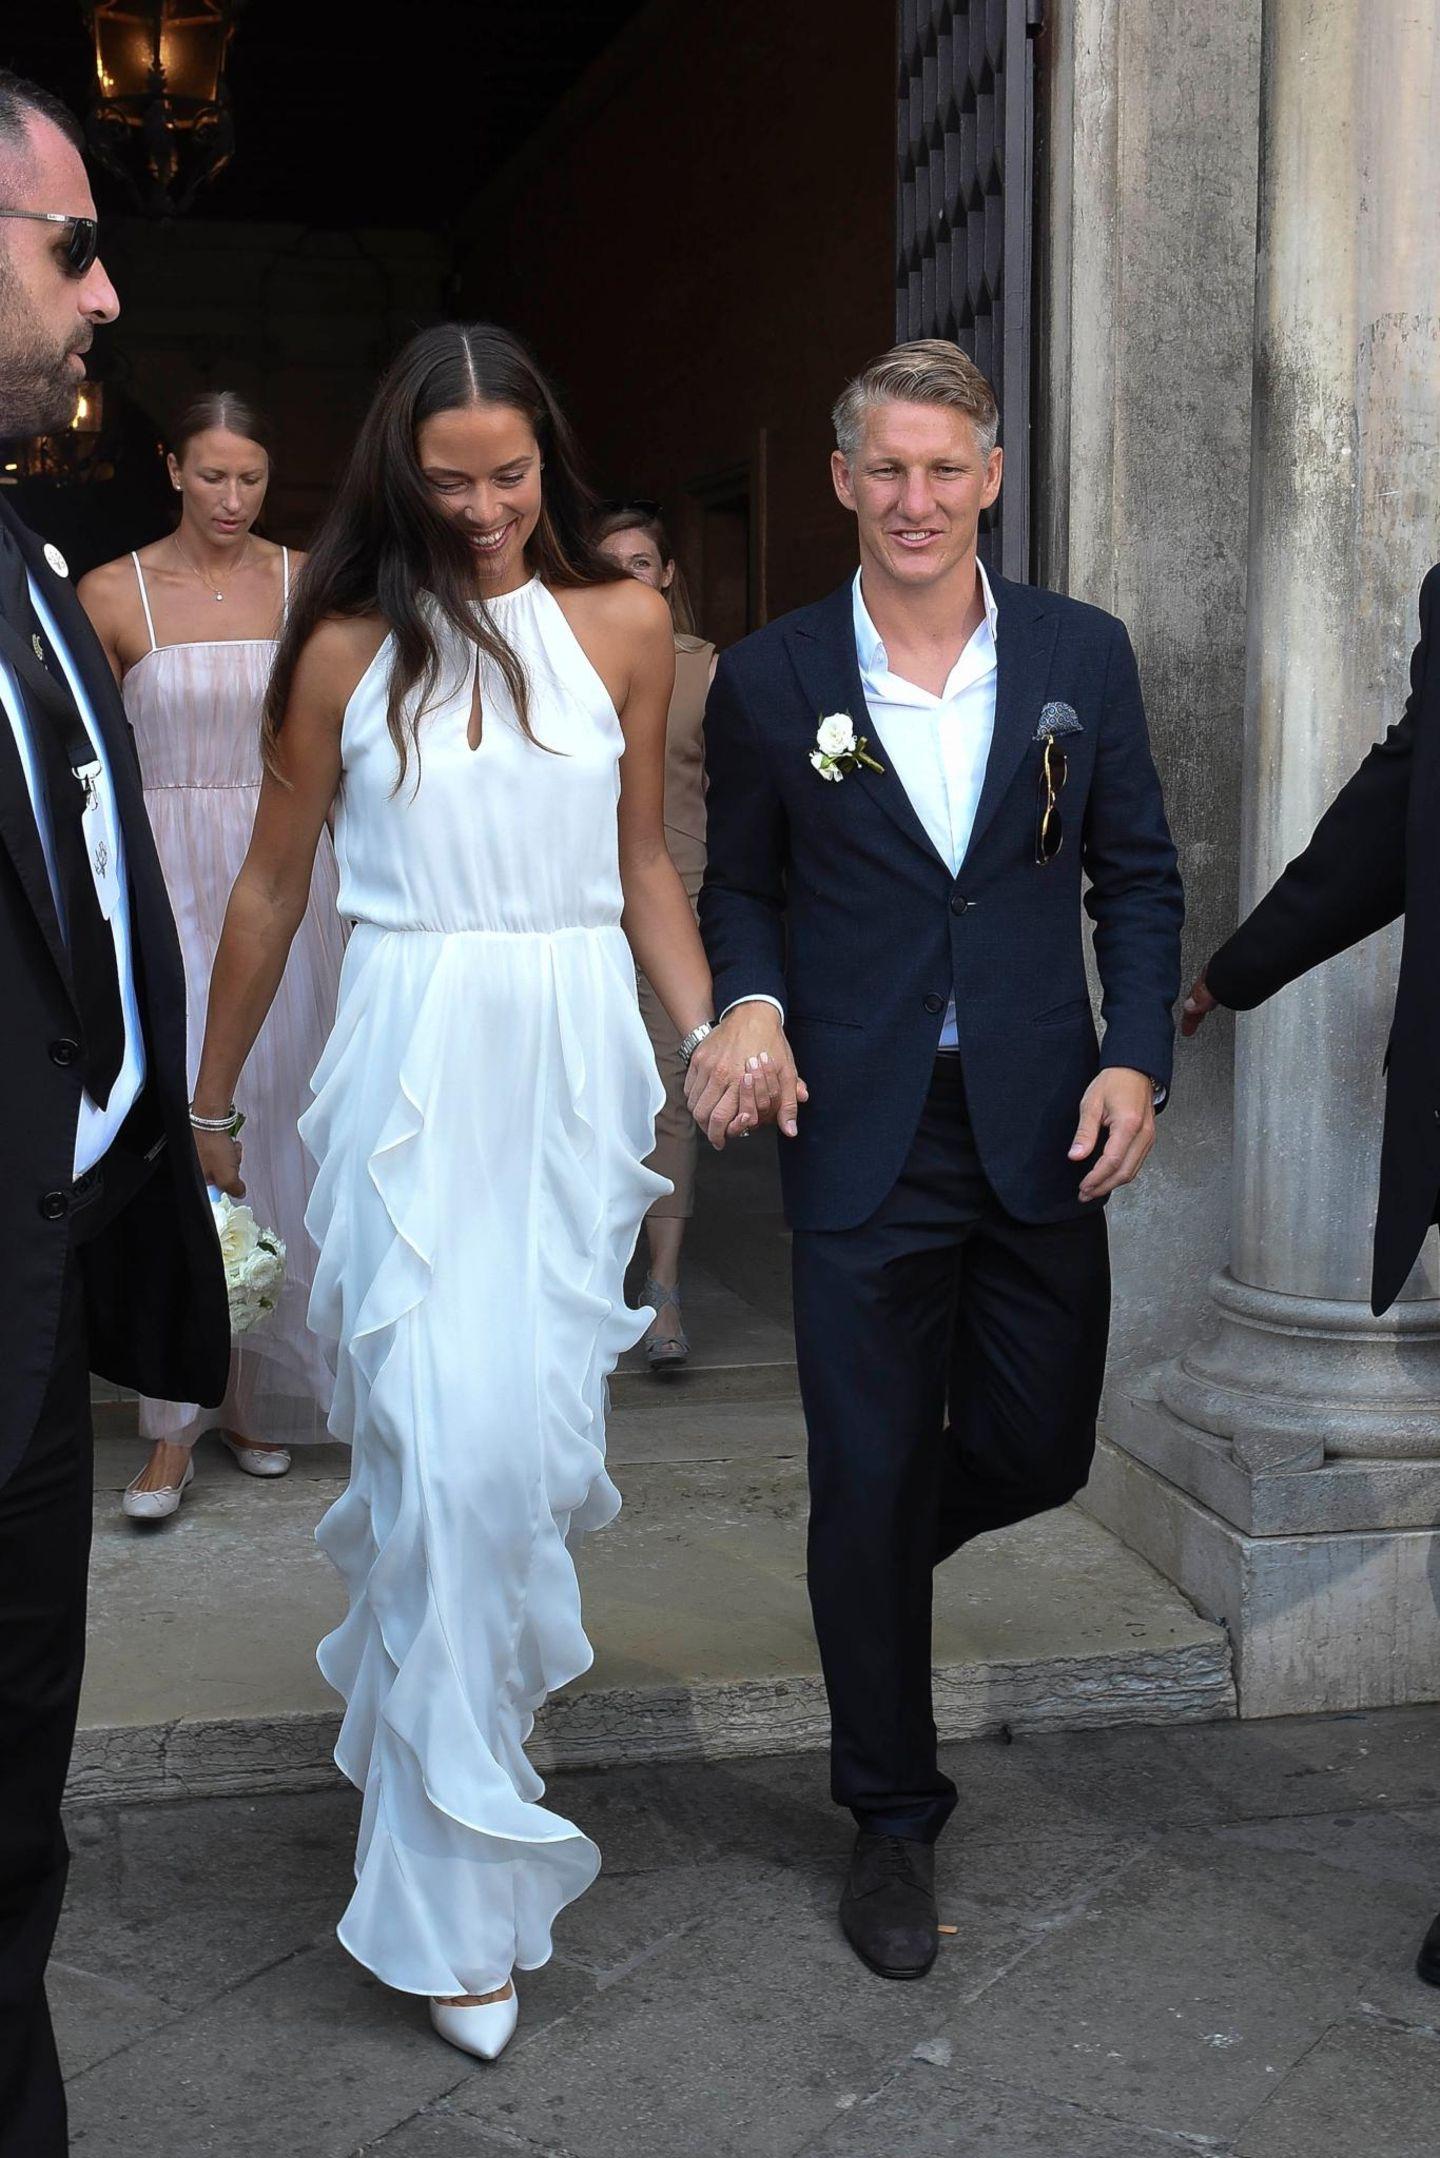 Jetzt sind sie Mann und Frau: Ana und Basti verlassen überglücklich das Standesamt in Venedig als Eheleute.